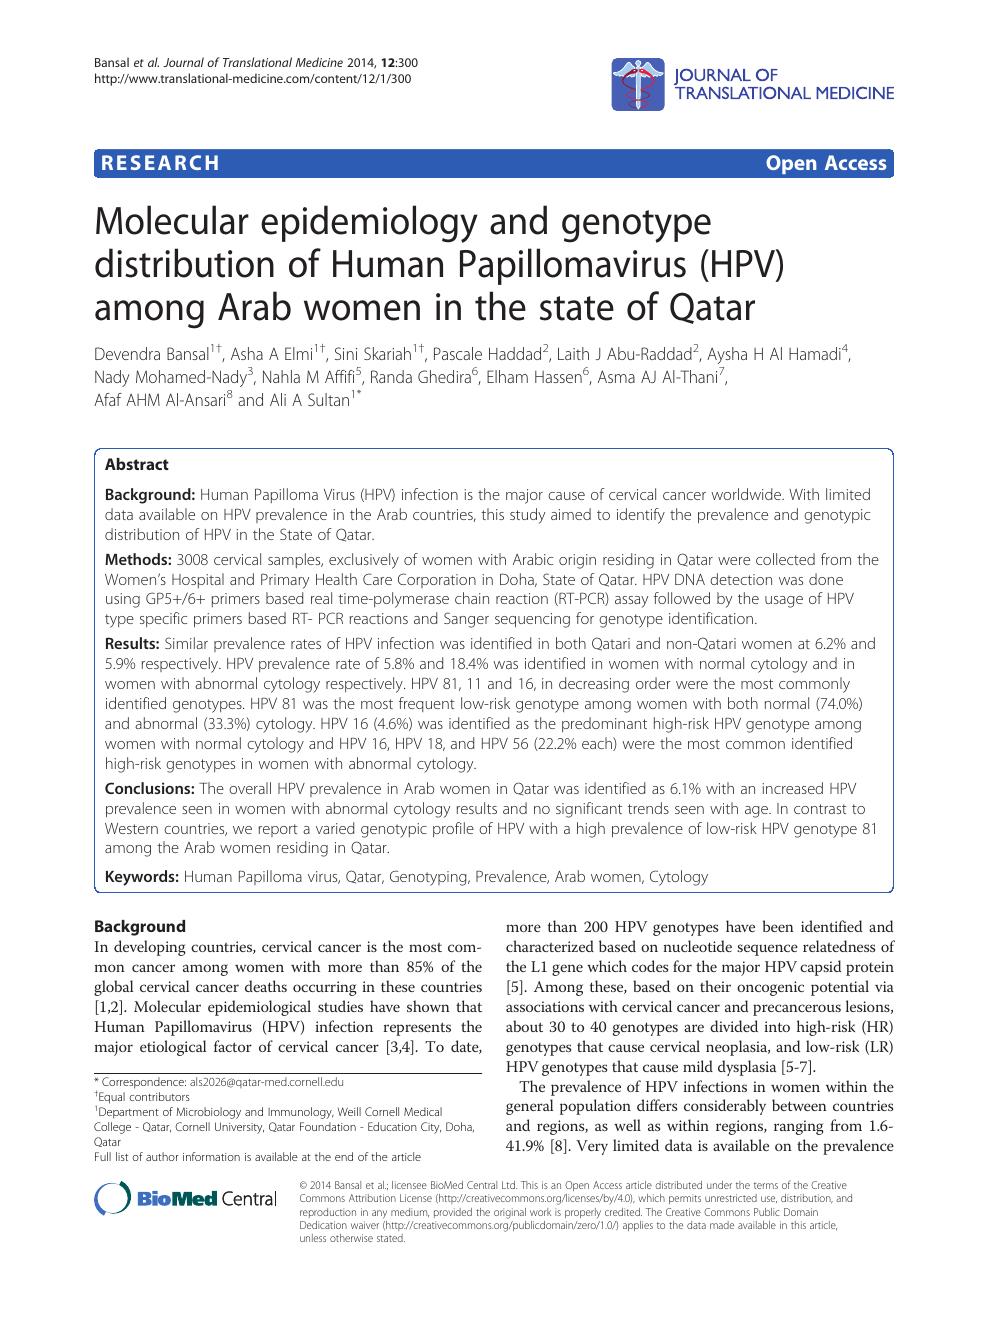 medicine journal human papillomavirus)